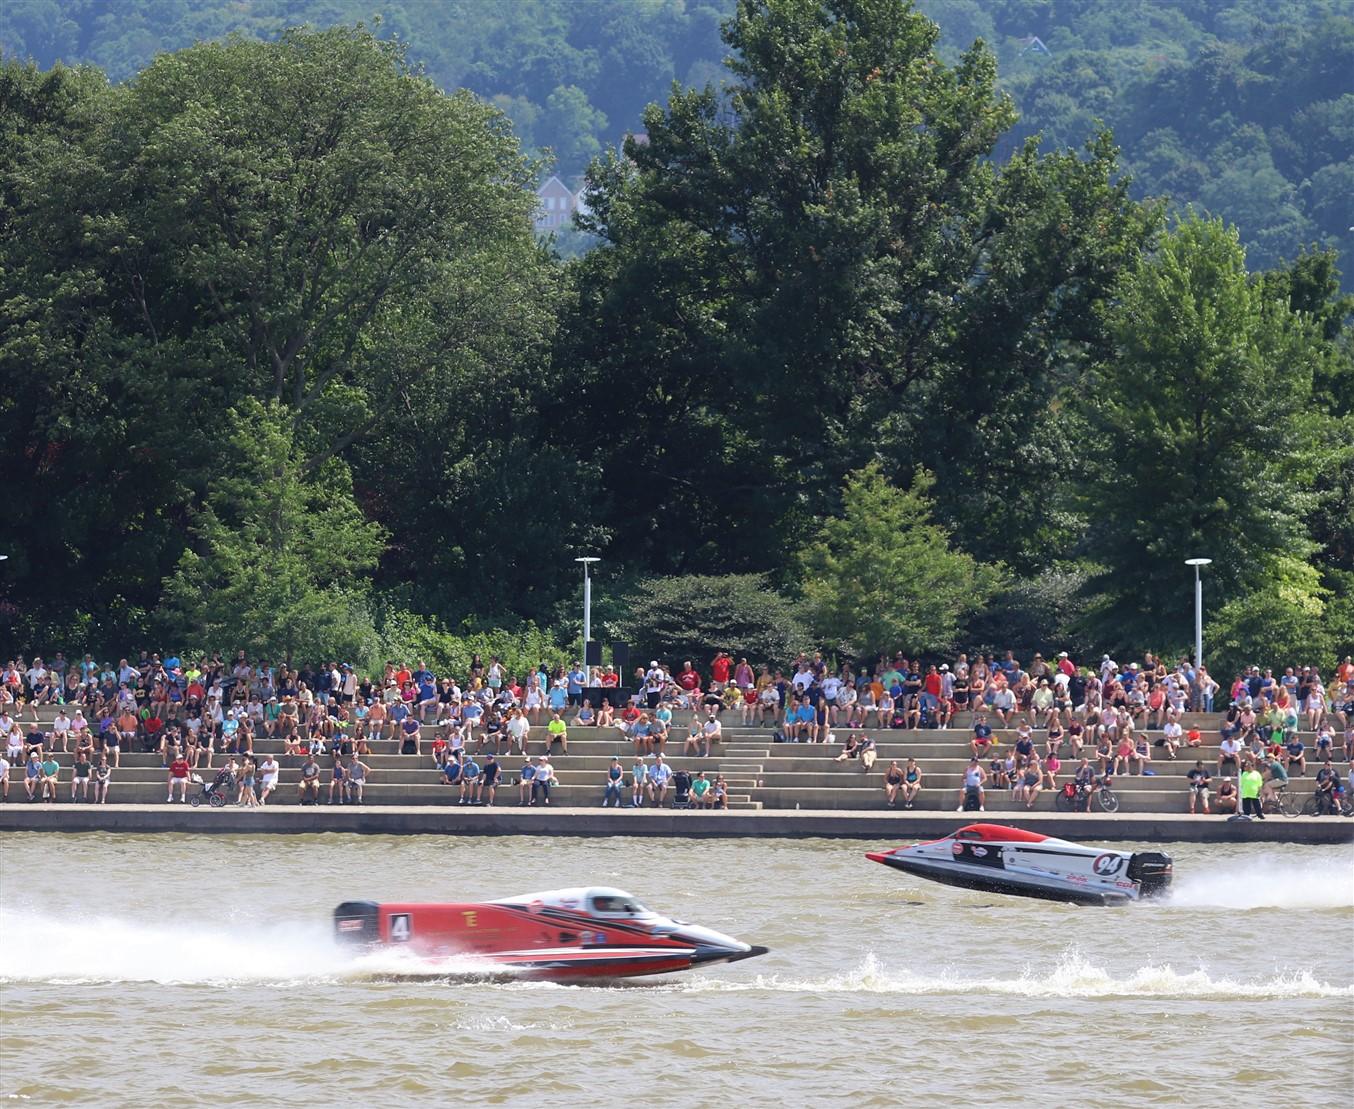 2018 08 04 208 Pittsburgh Three Rivers Regatta.jpg